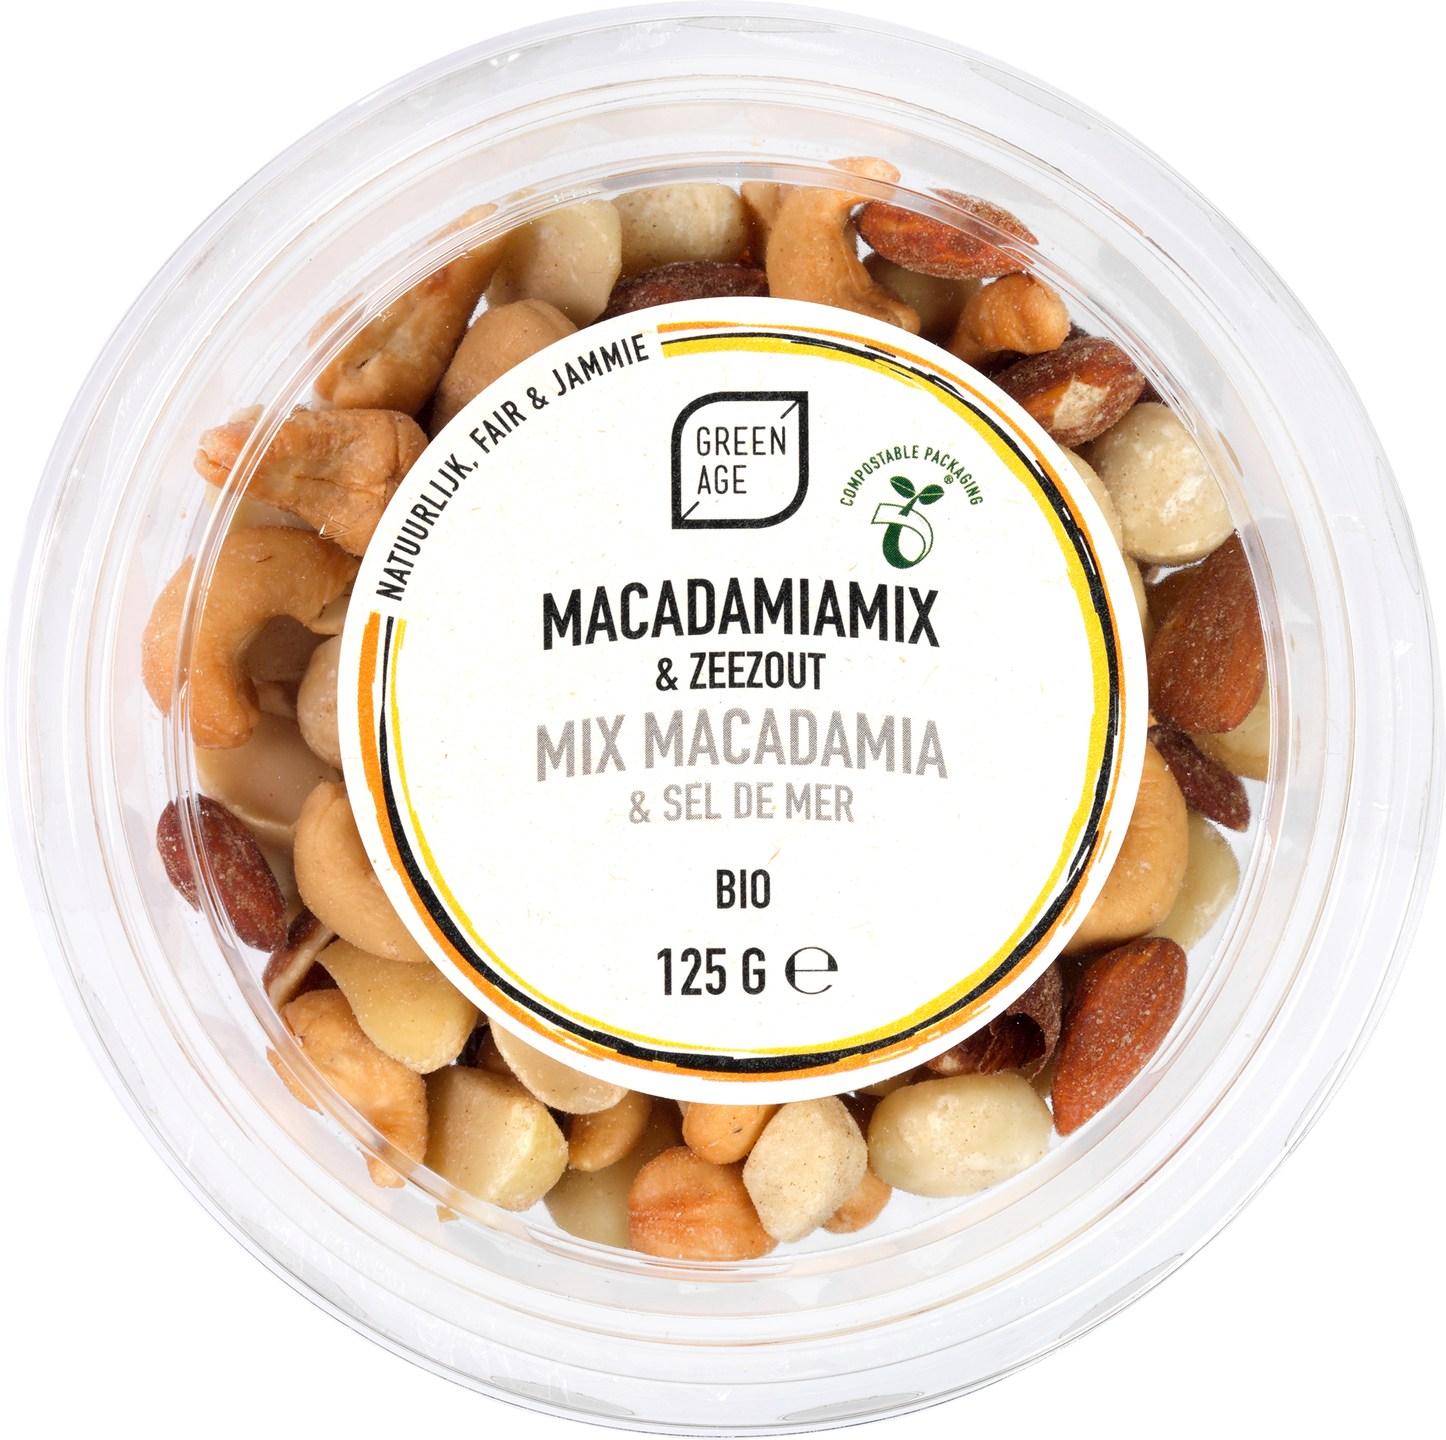 Biologische GreenAge Macadamiamix & Zeezout 125 gr